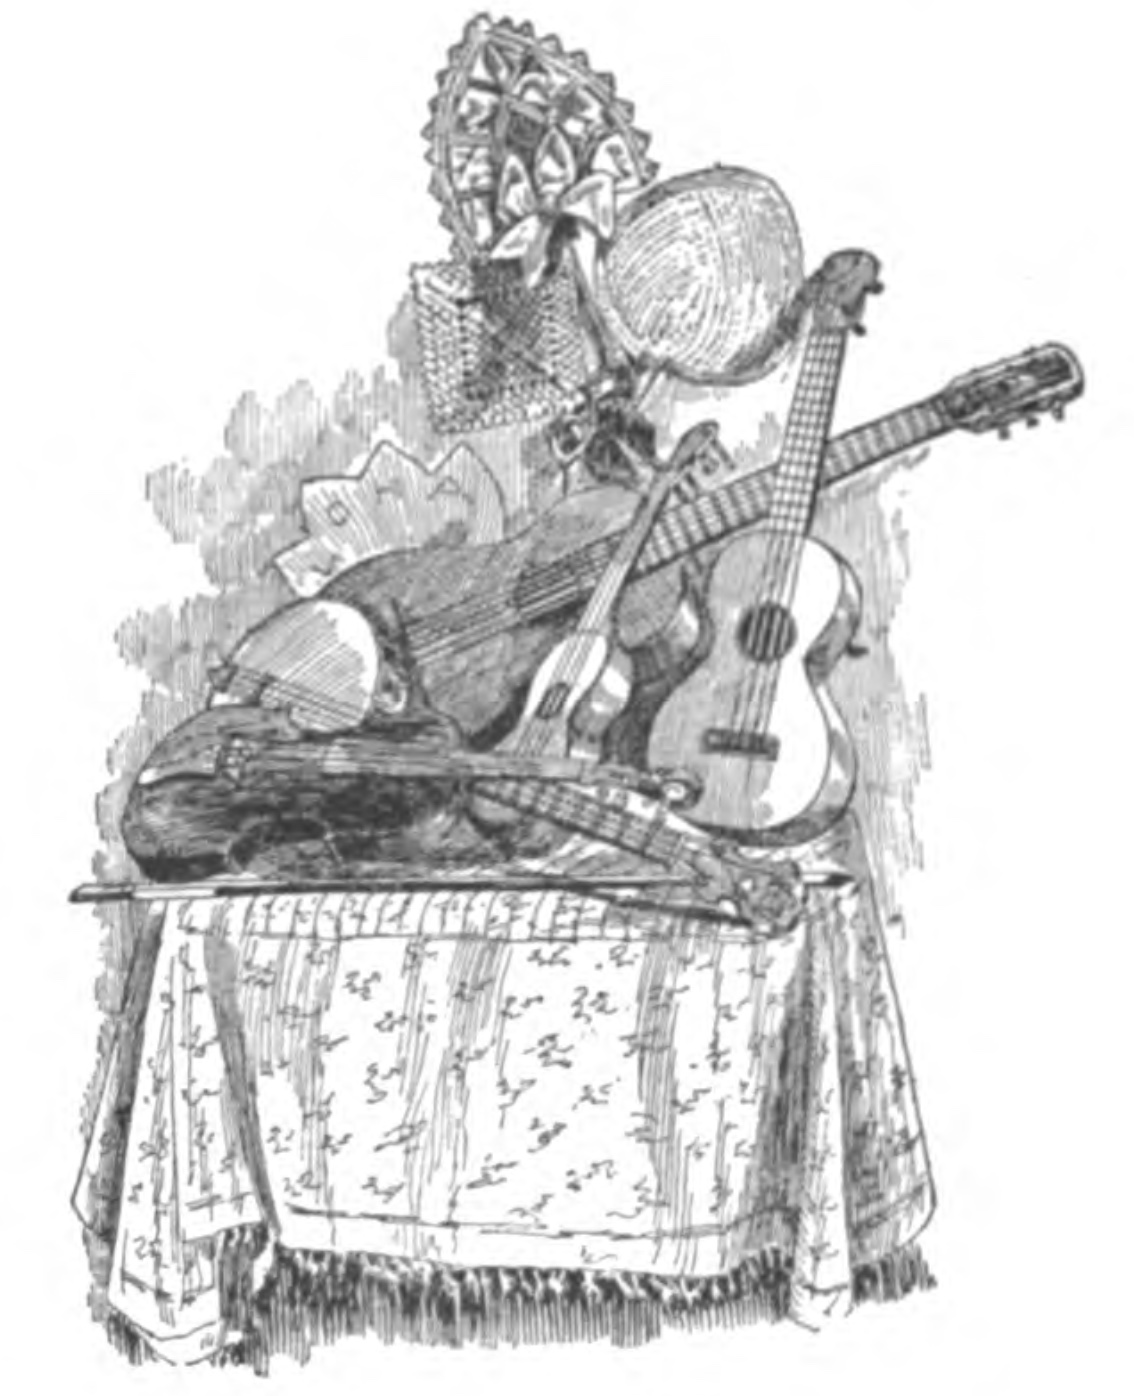 Quellen Zur Geschichte Der Ukulele 1879 1929 The G String Youll Be Finefor Fingering Diagrams Hold Native Musicians Gave Us Selections On Their Stringed Instruments S 27 Abb 28 Abgebildet Sind Eine Geige Ein Banjo Zwei Viersaitige